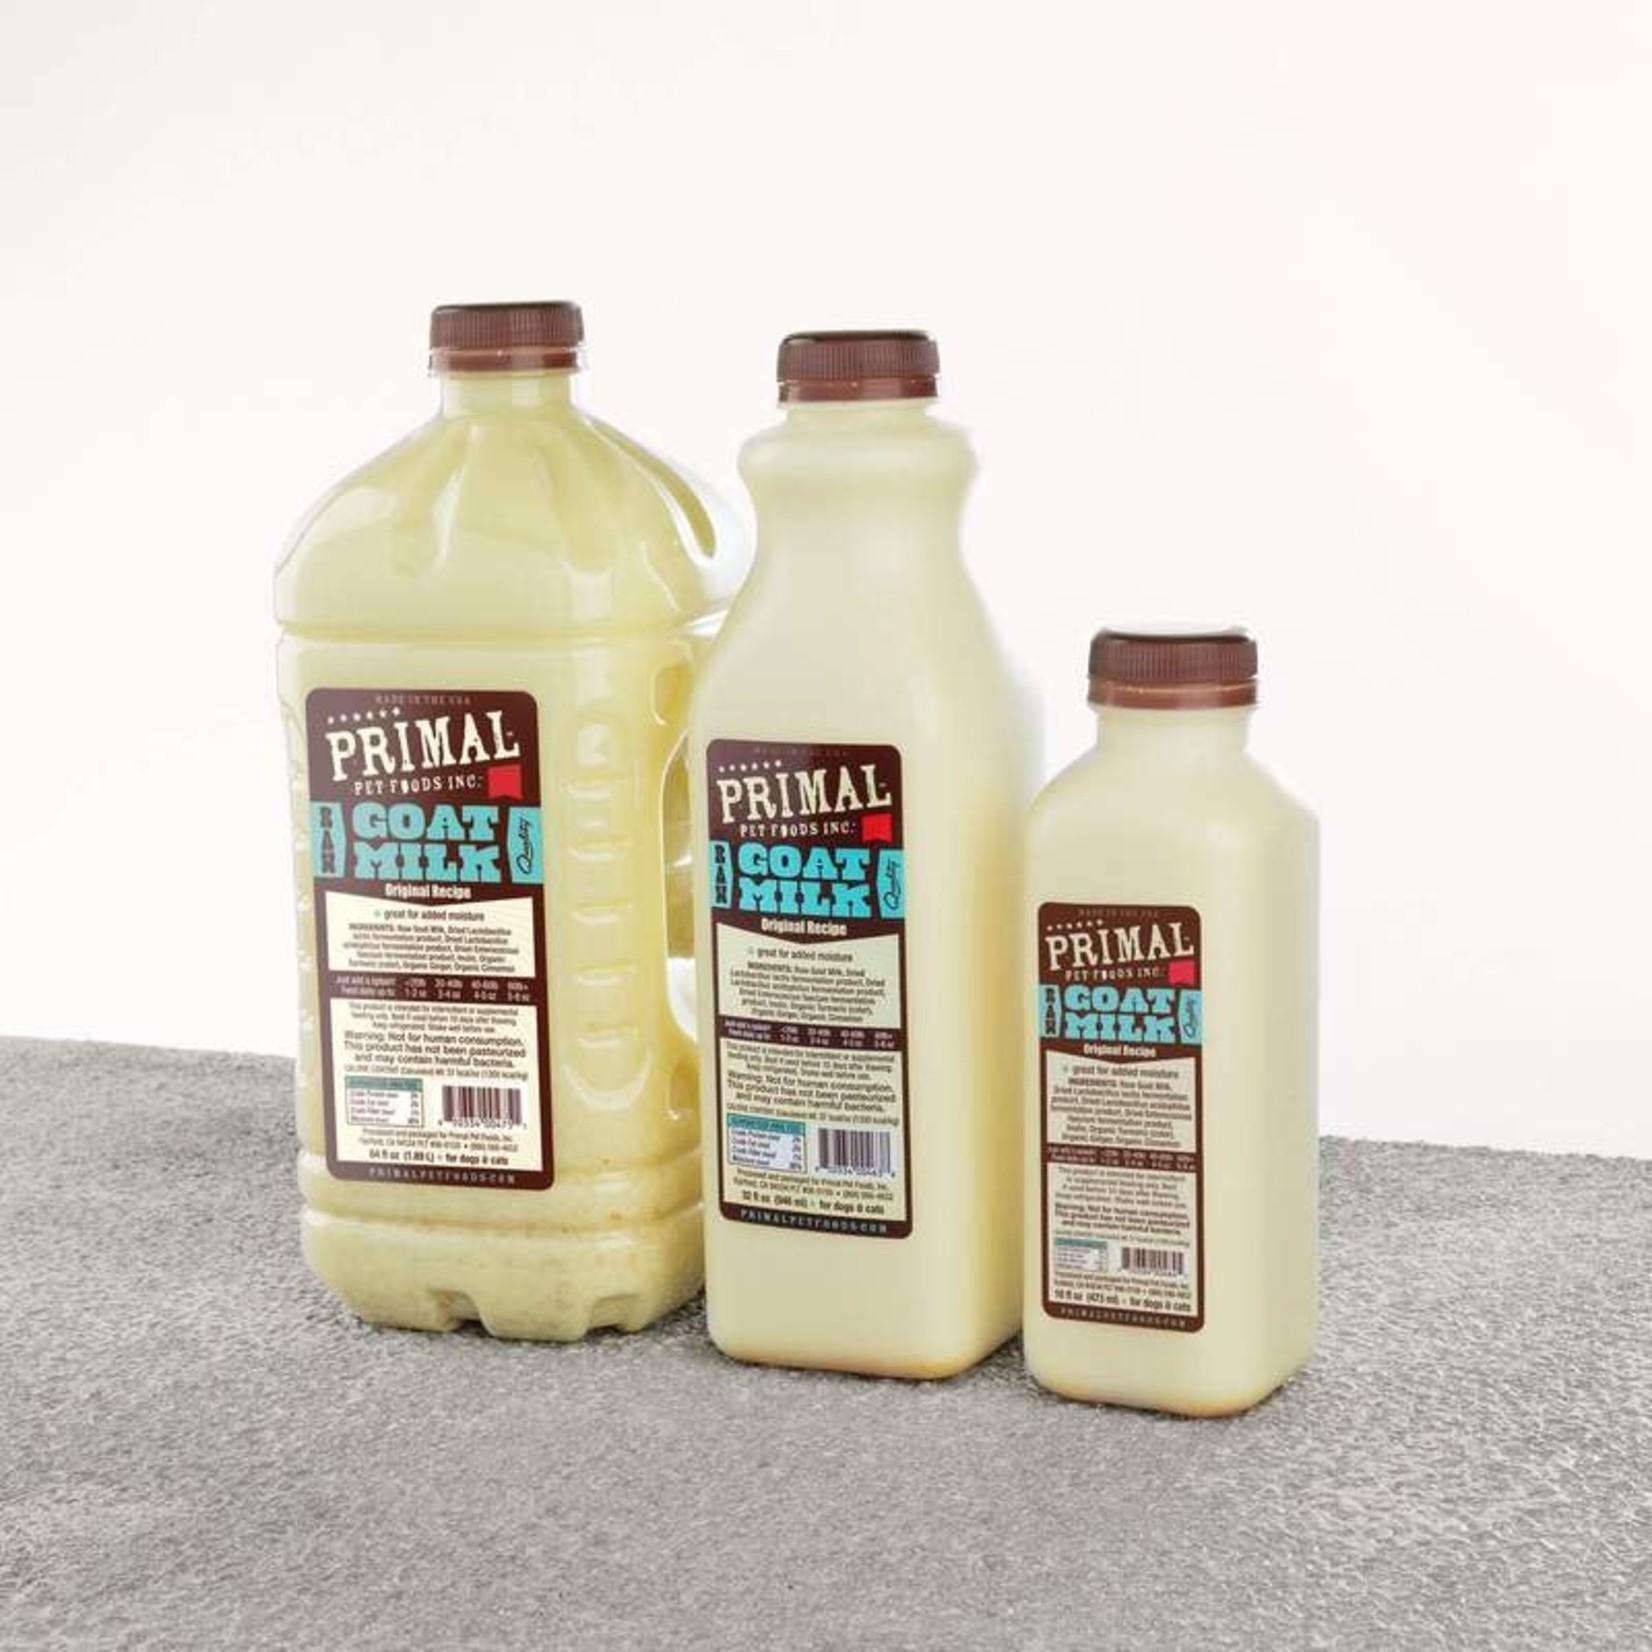 Primal Pet Foods Primal Frozen Raw Goat Milk 64 OZ